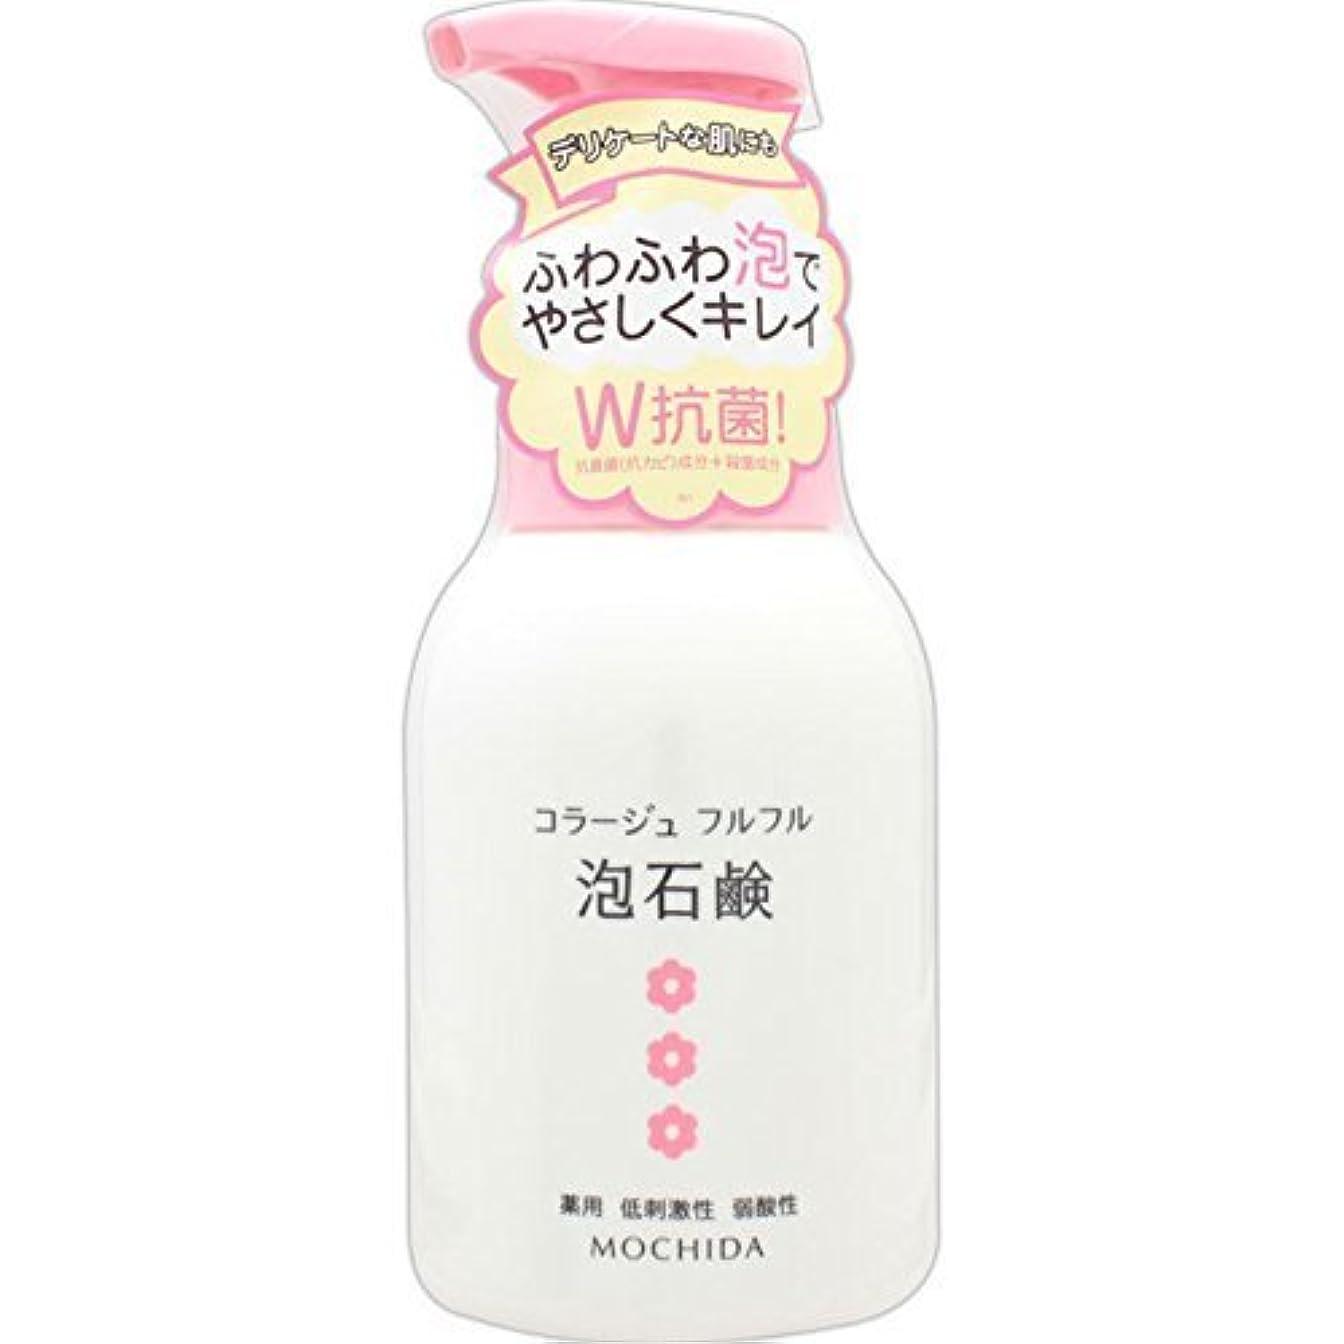 オデュッセウスリード舗装するコラージュフルフル 泡石鹸 ピンク 300m L (医薬部外品) ×9